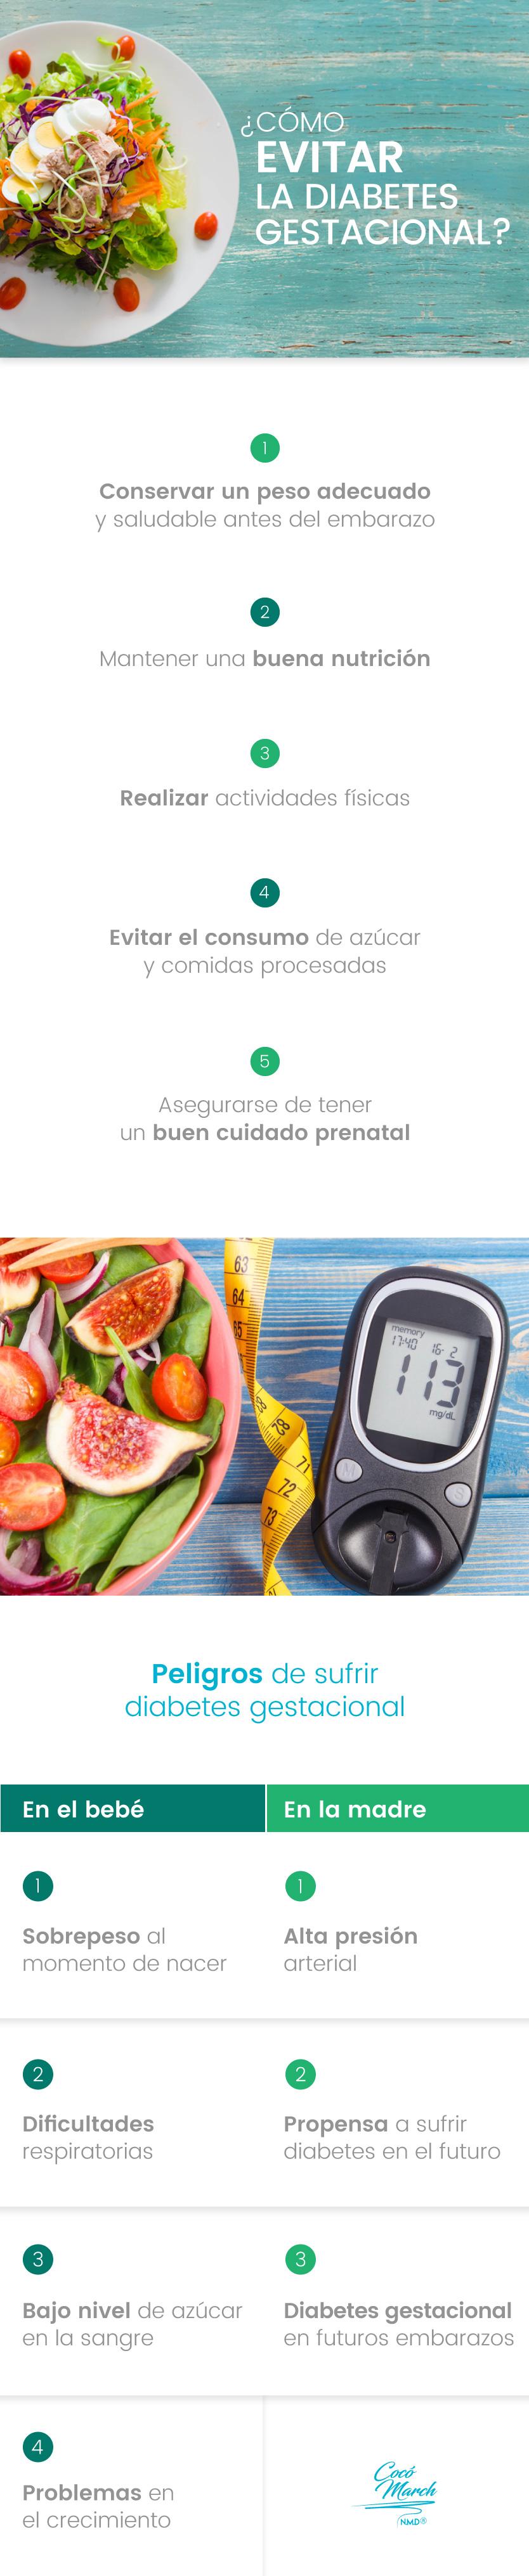 como-evitar-la-diabetes-gestacional